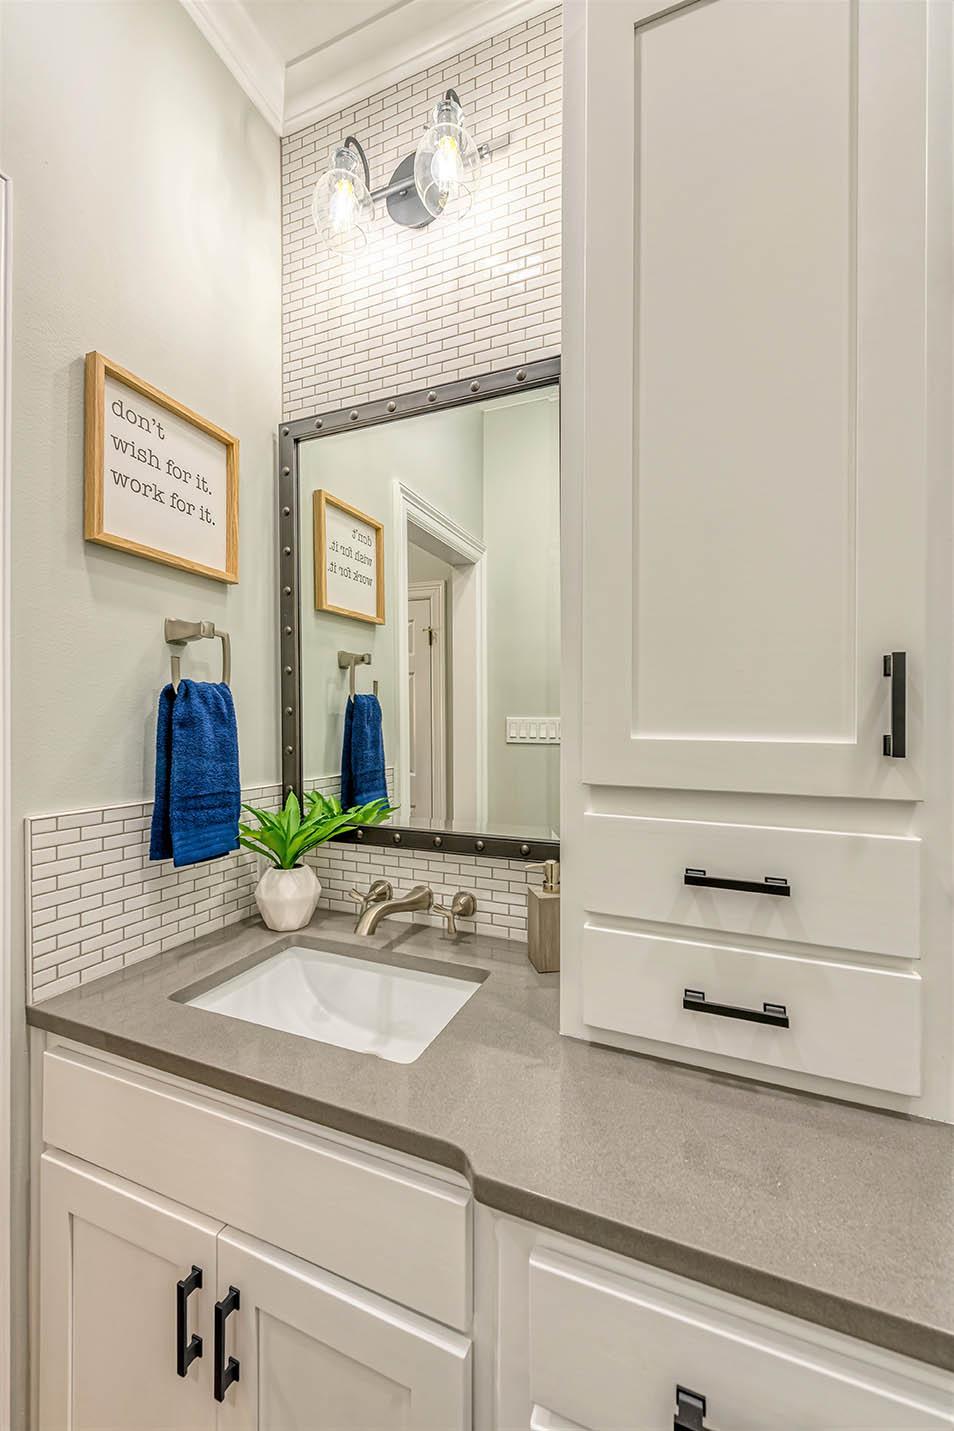 Jack and Jack After Vanity Sink Subway Tile Bathroom Remodel